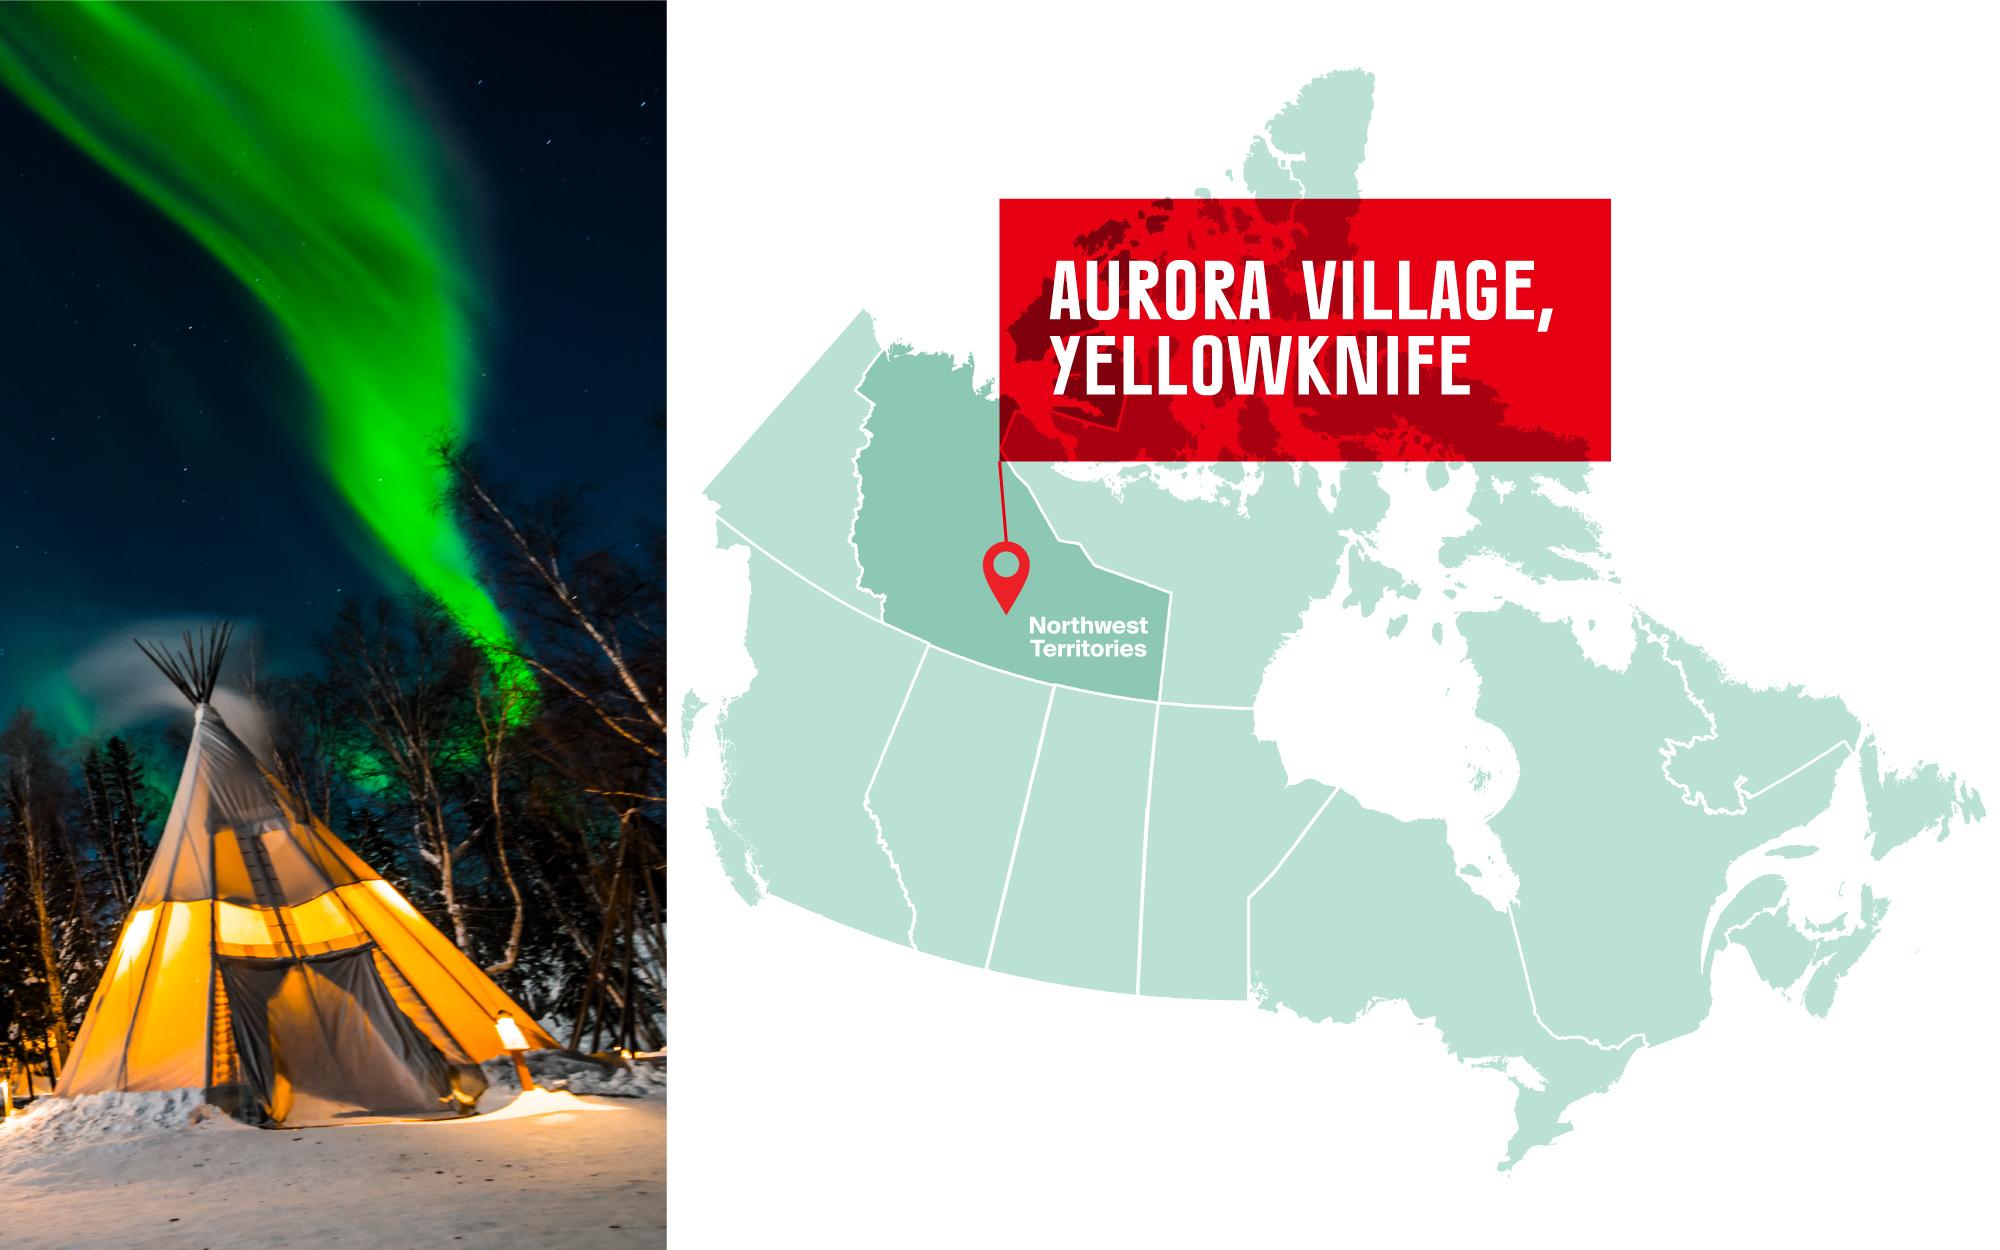 Aurora Village in Yellowknife, Northwest Territories